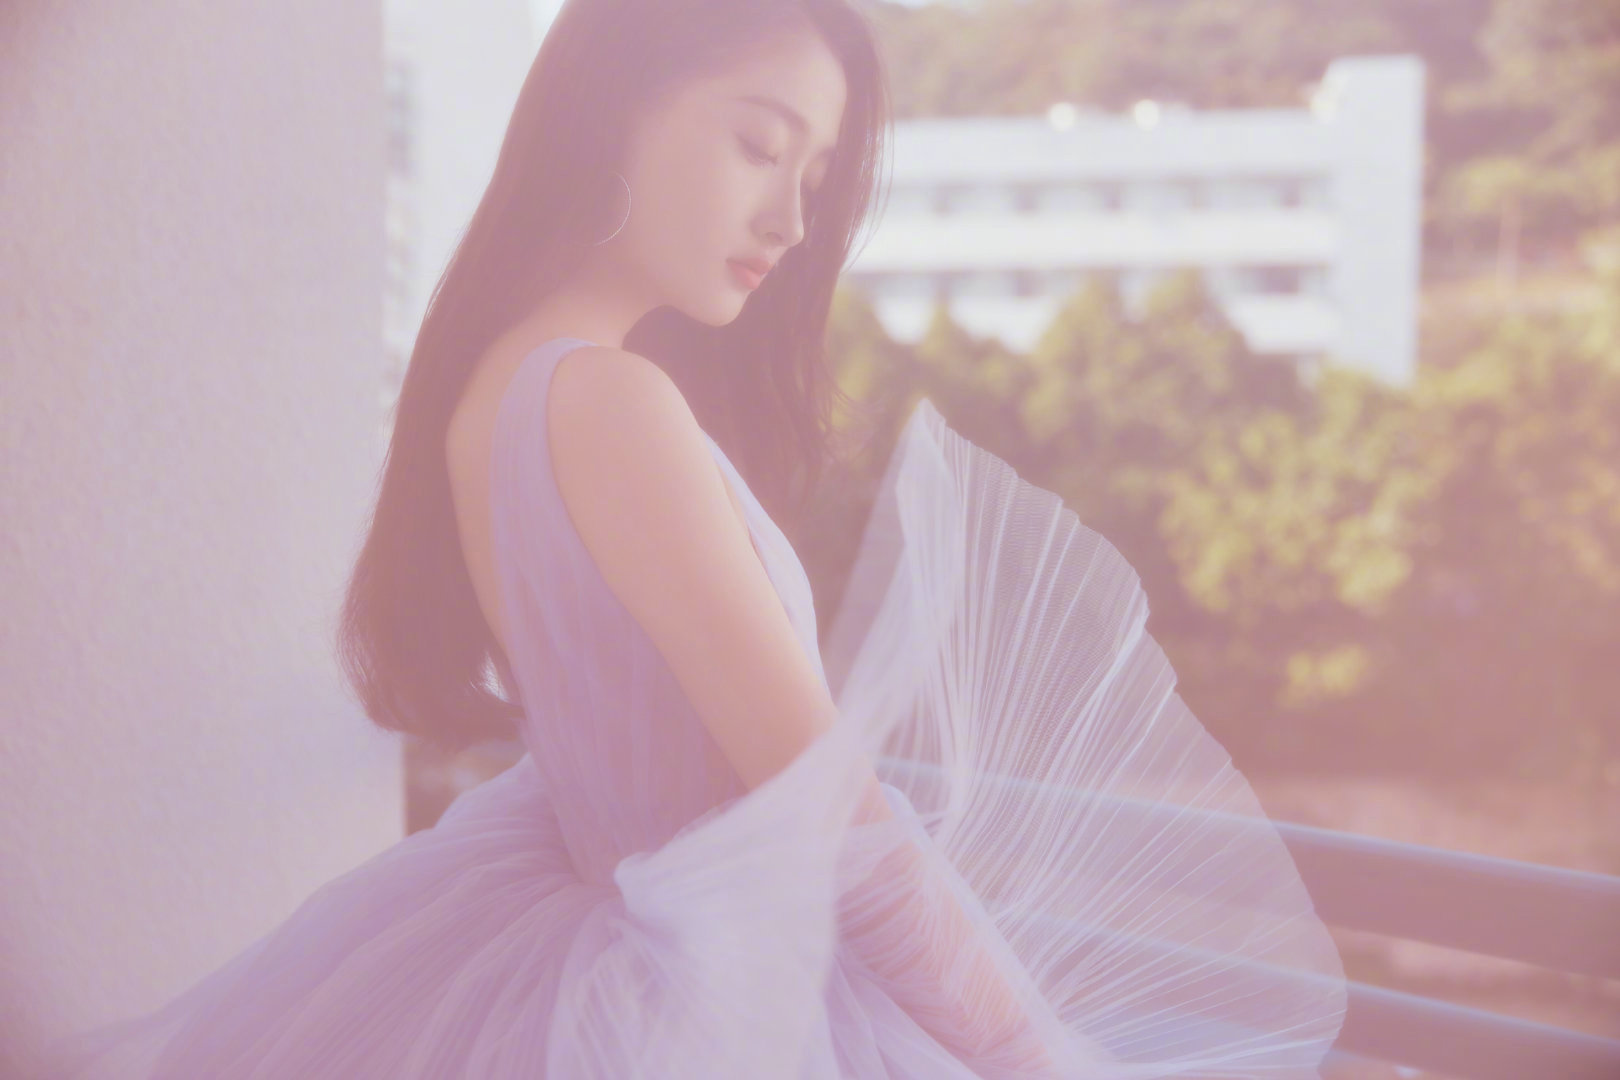 关晓彤紫色深V蛋糕礼服裙,一双大长腿超吸睛,身材颜值被赞爆!